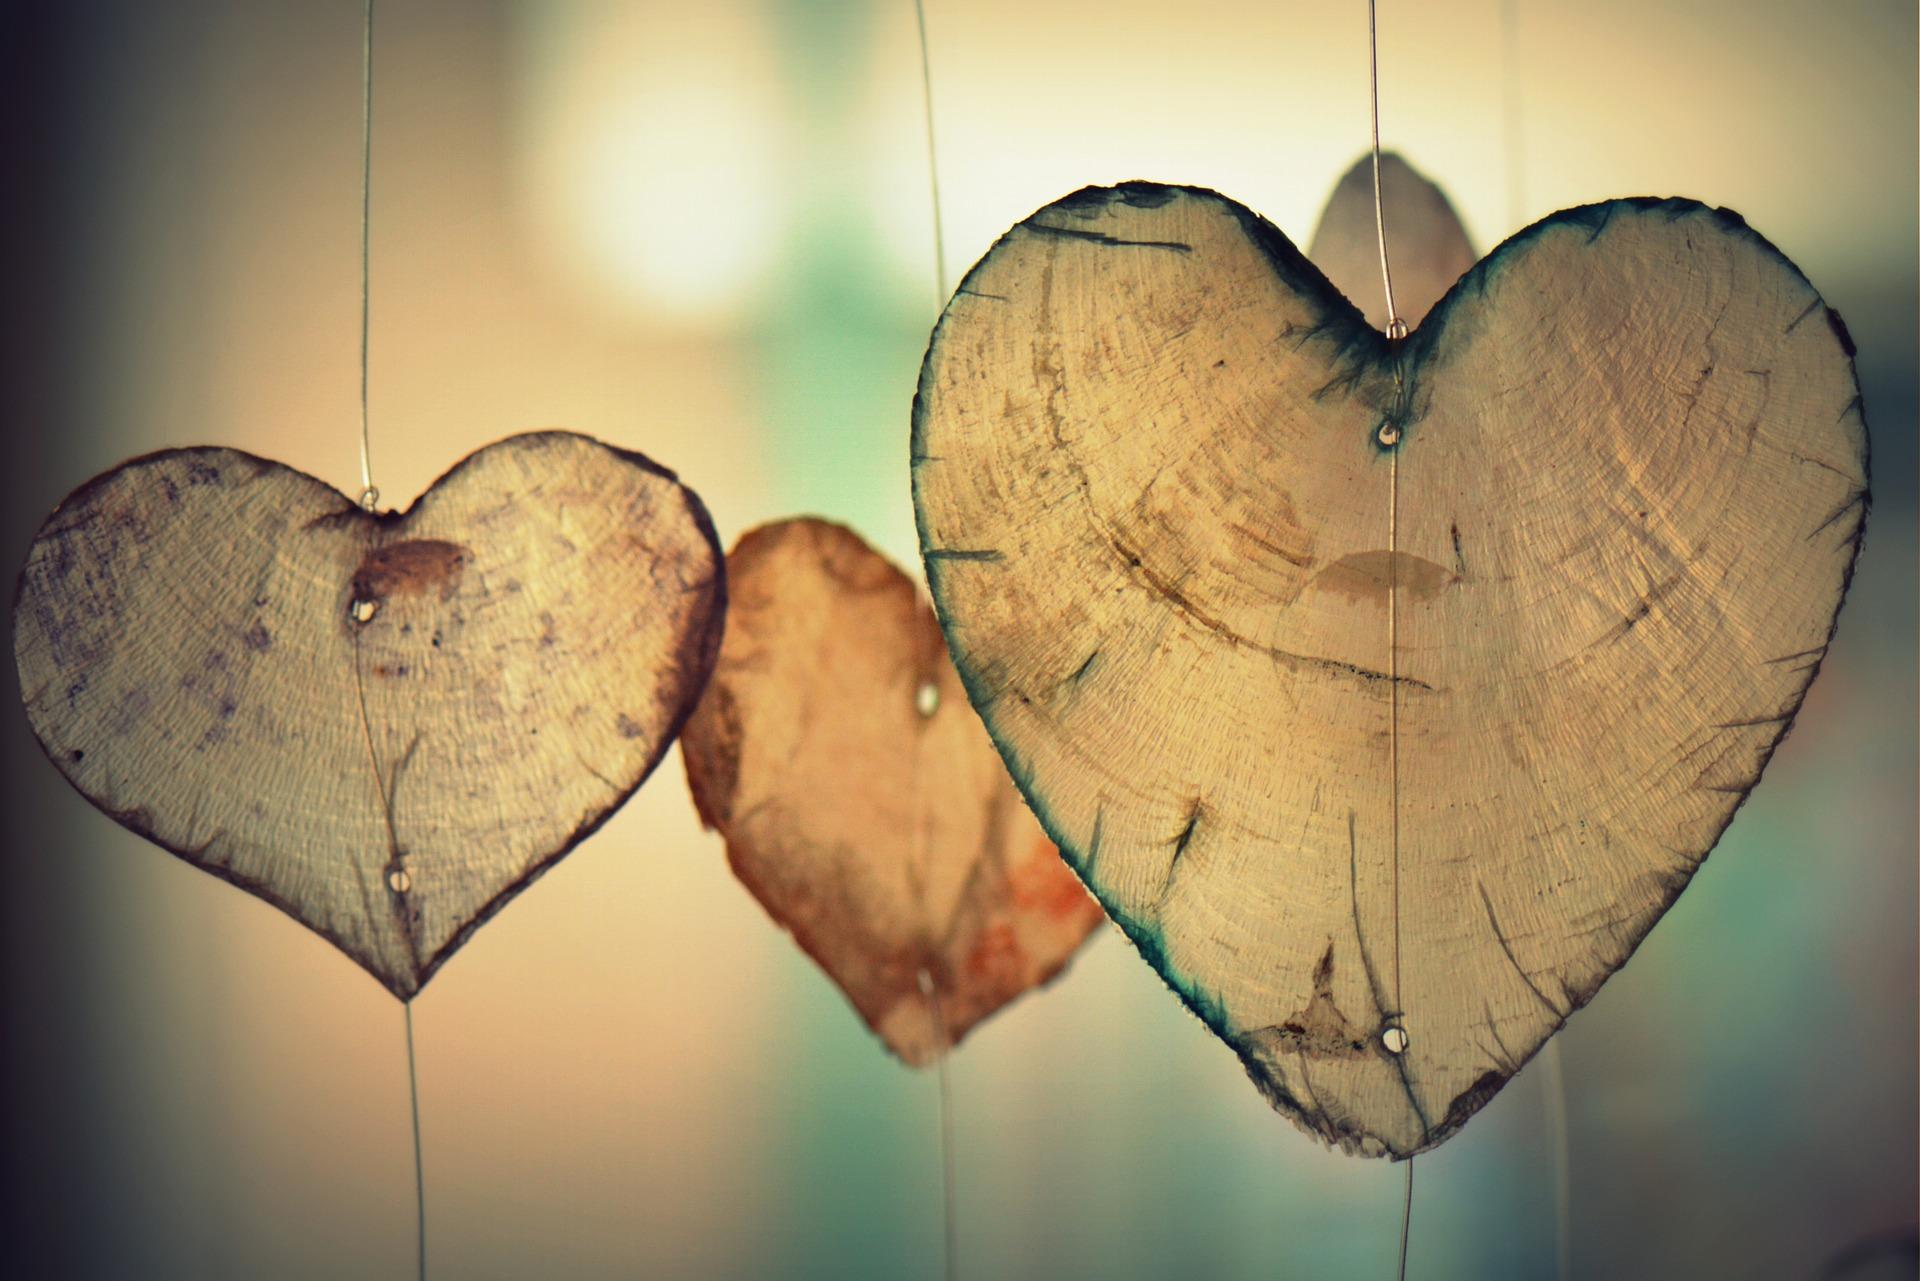 heart-700141_1920jpg